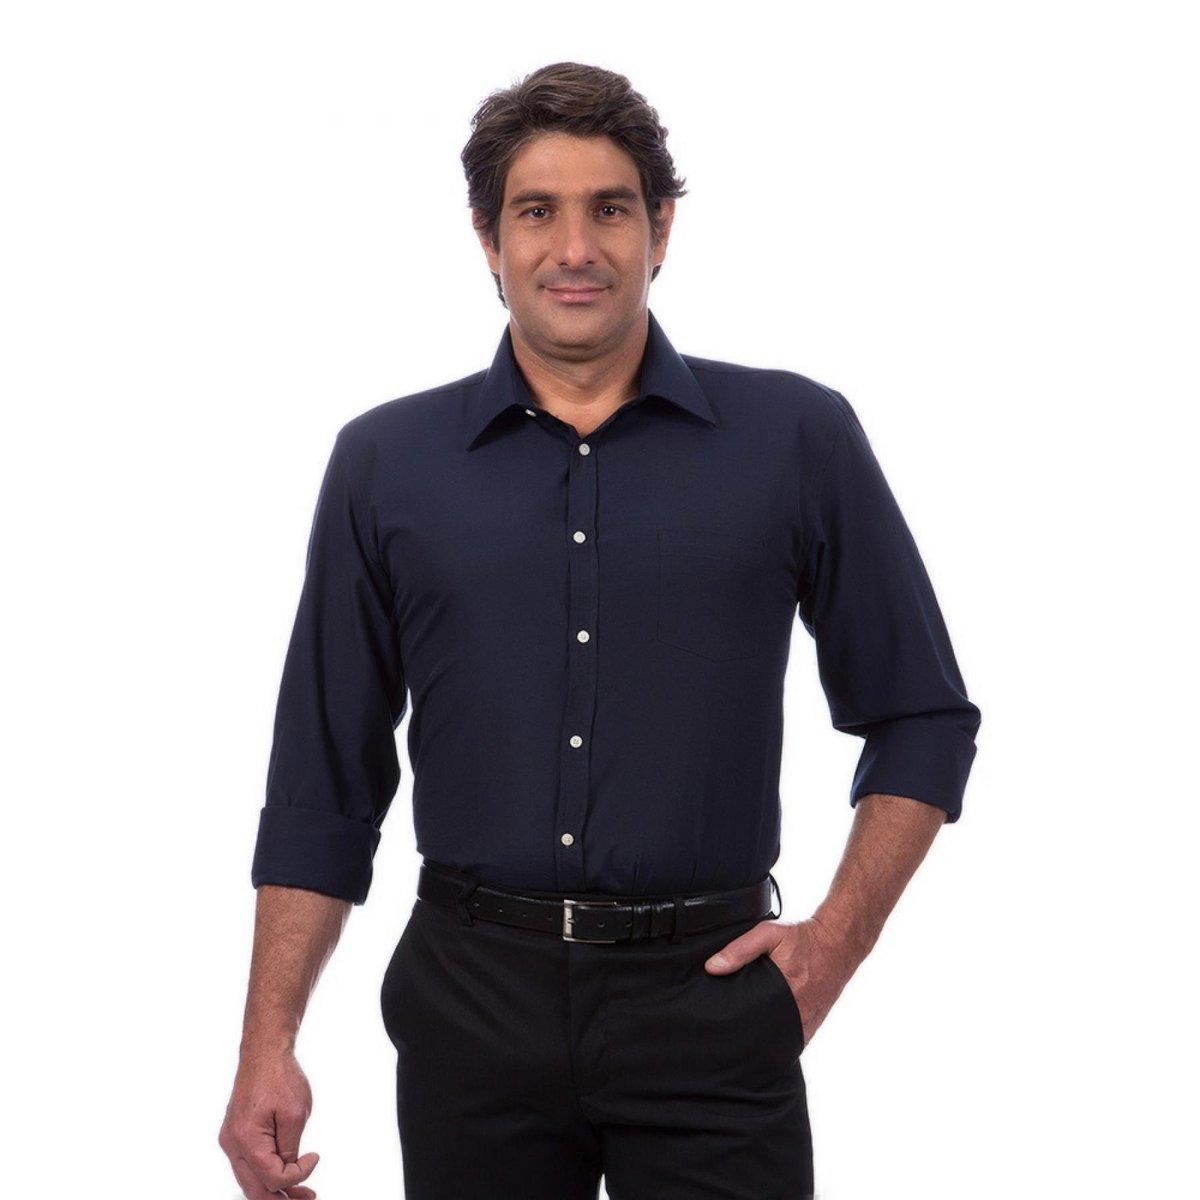 ff36210211 Camisa Social Masculino - Compre Agora